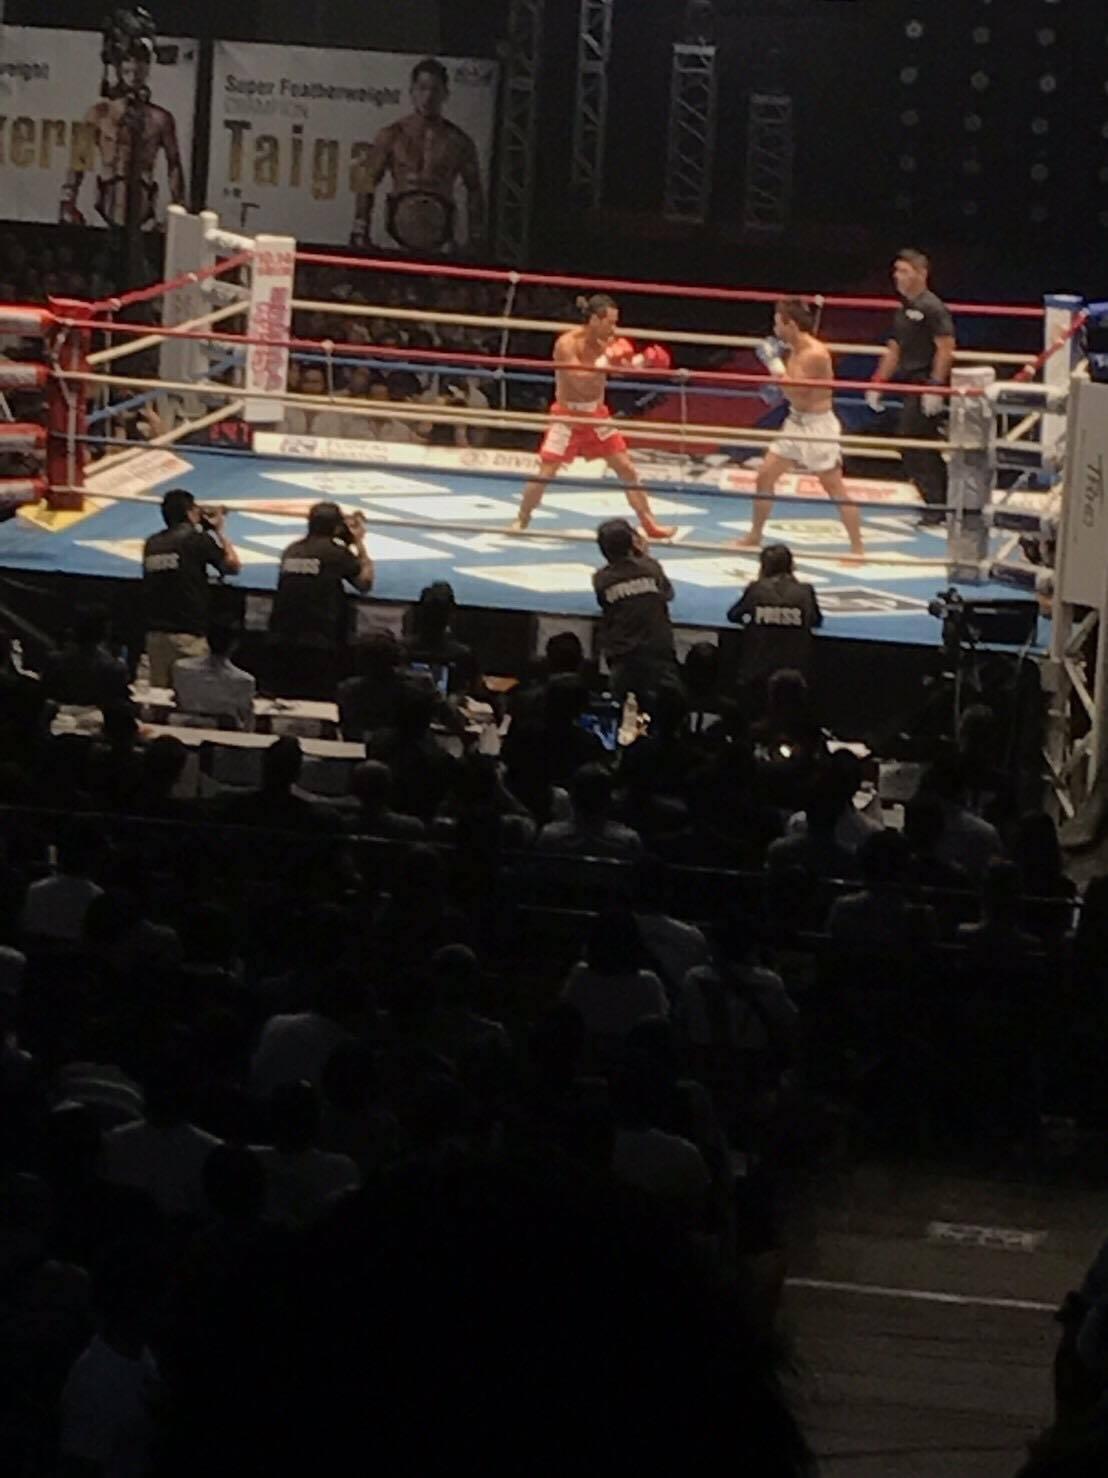 弘嵩選手KO勝利! | 卜部兄弟後援会 【Team UR@BE】